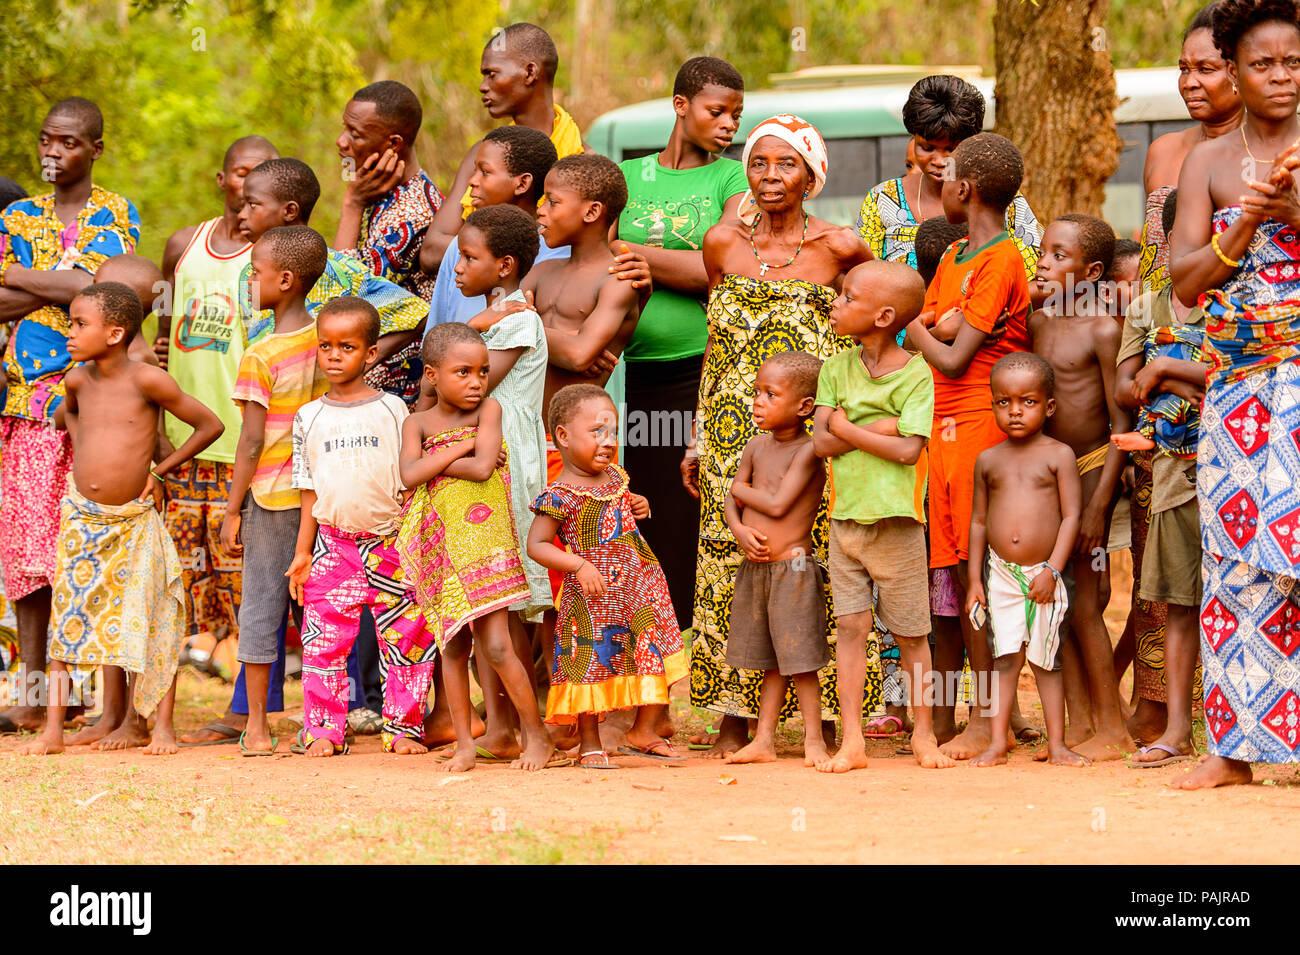 KARA, TOGO - Mar 9, 2013: Unbekannter Menschen in Togo Tanz an der lokalen Musik Performance. Die Menschen in Togo Leiden der Armut wegen der instabilen econ Stockfoto